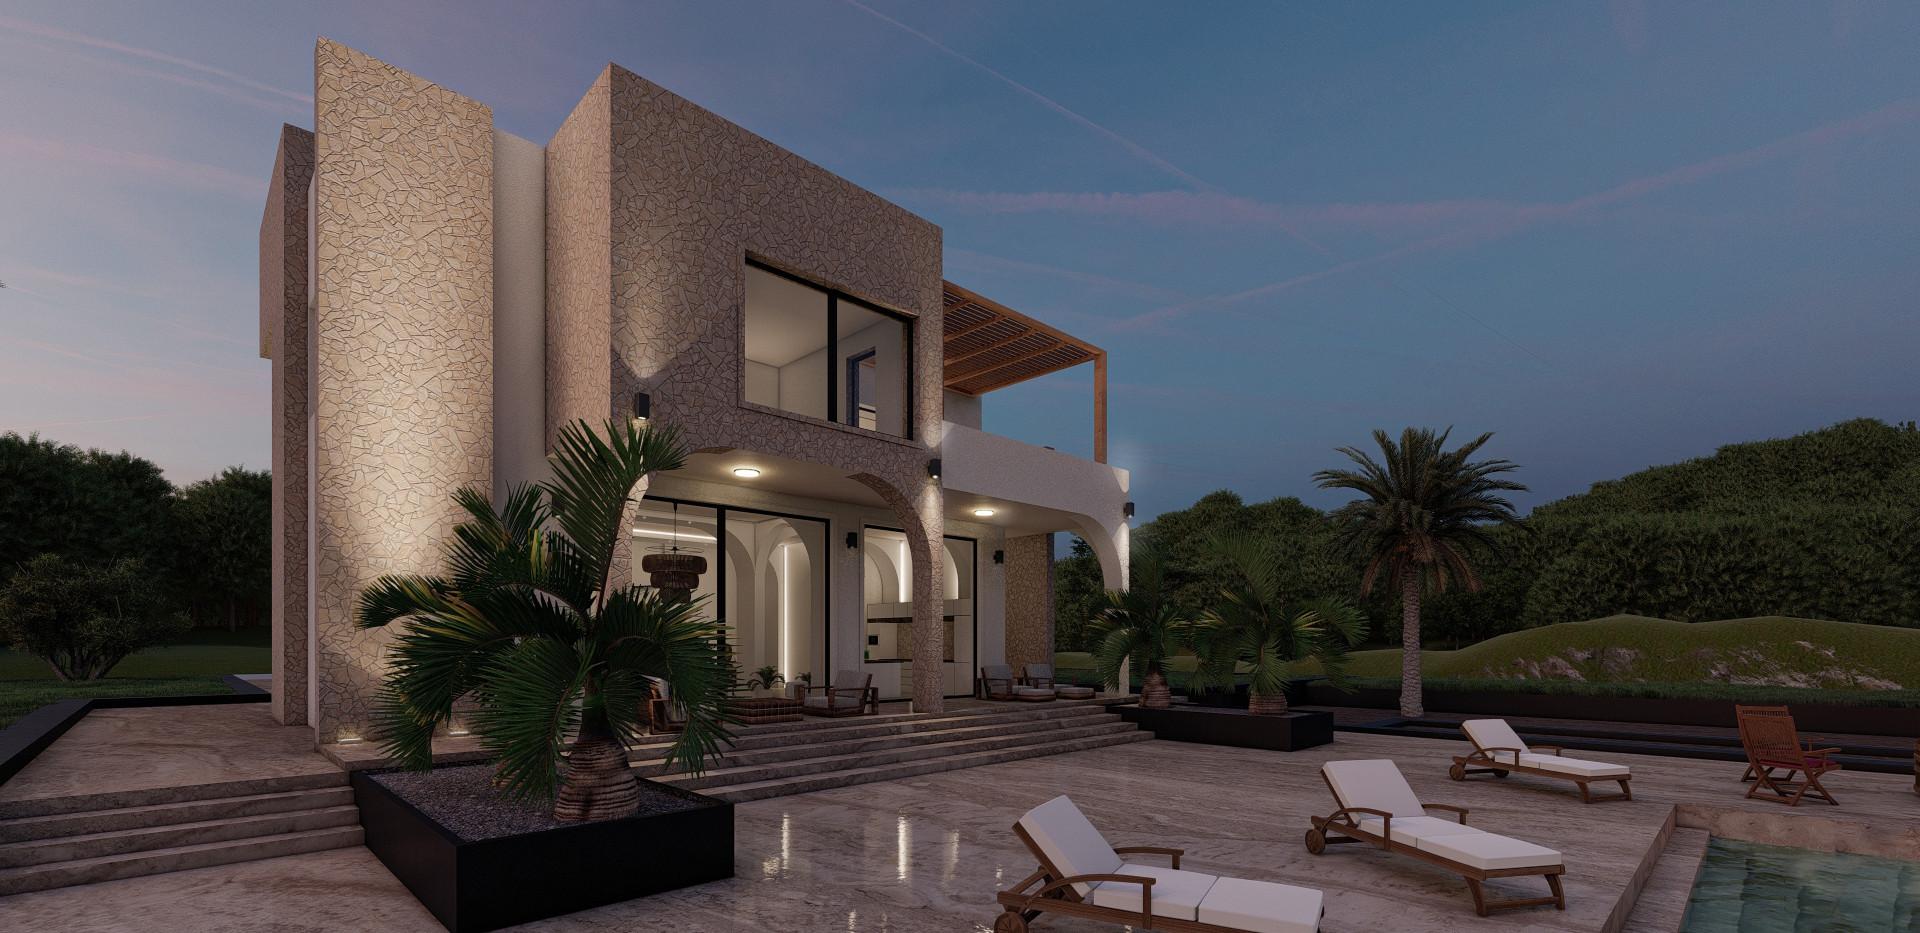 Villa Sunset Exterior - Project Ibiza, Spain